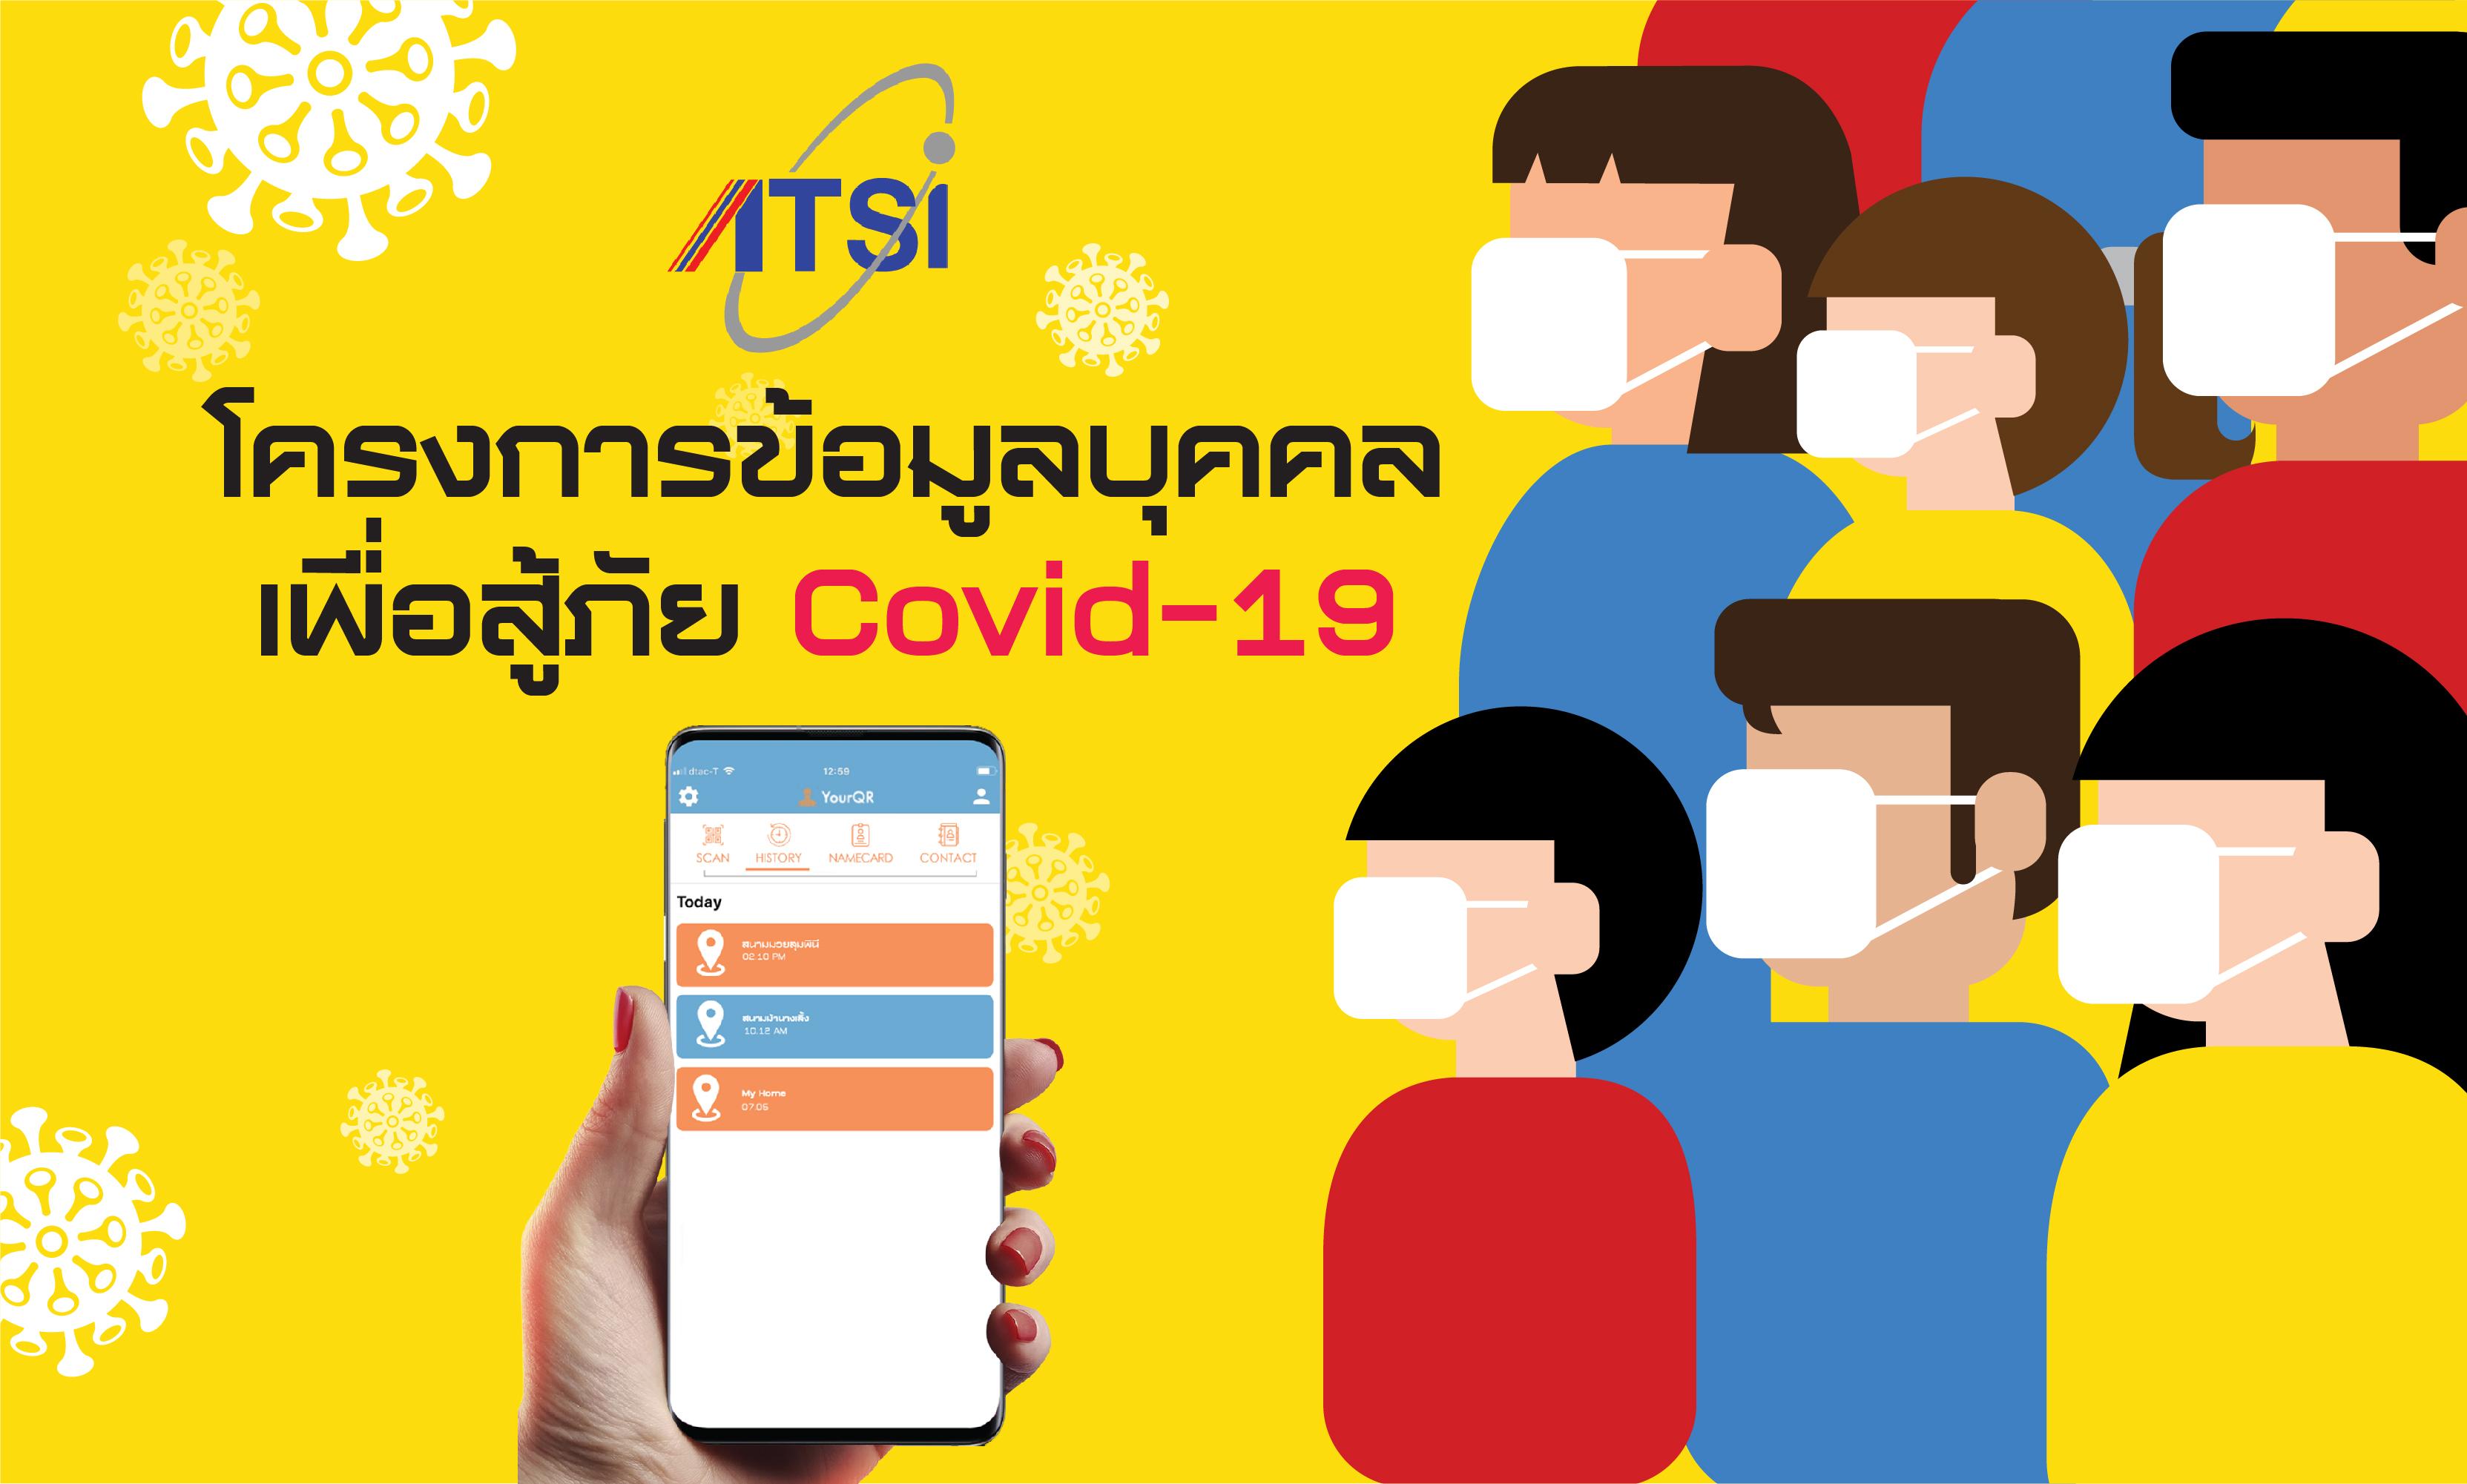 โครงการข้อมูลบุคคลเพื่อสู้ภัย Covid-19